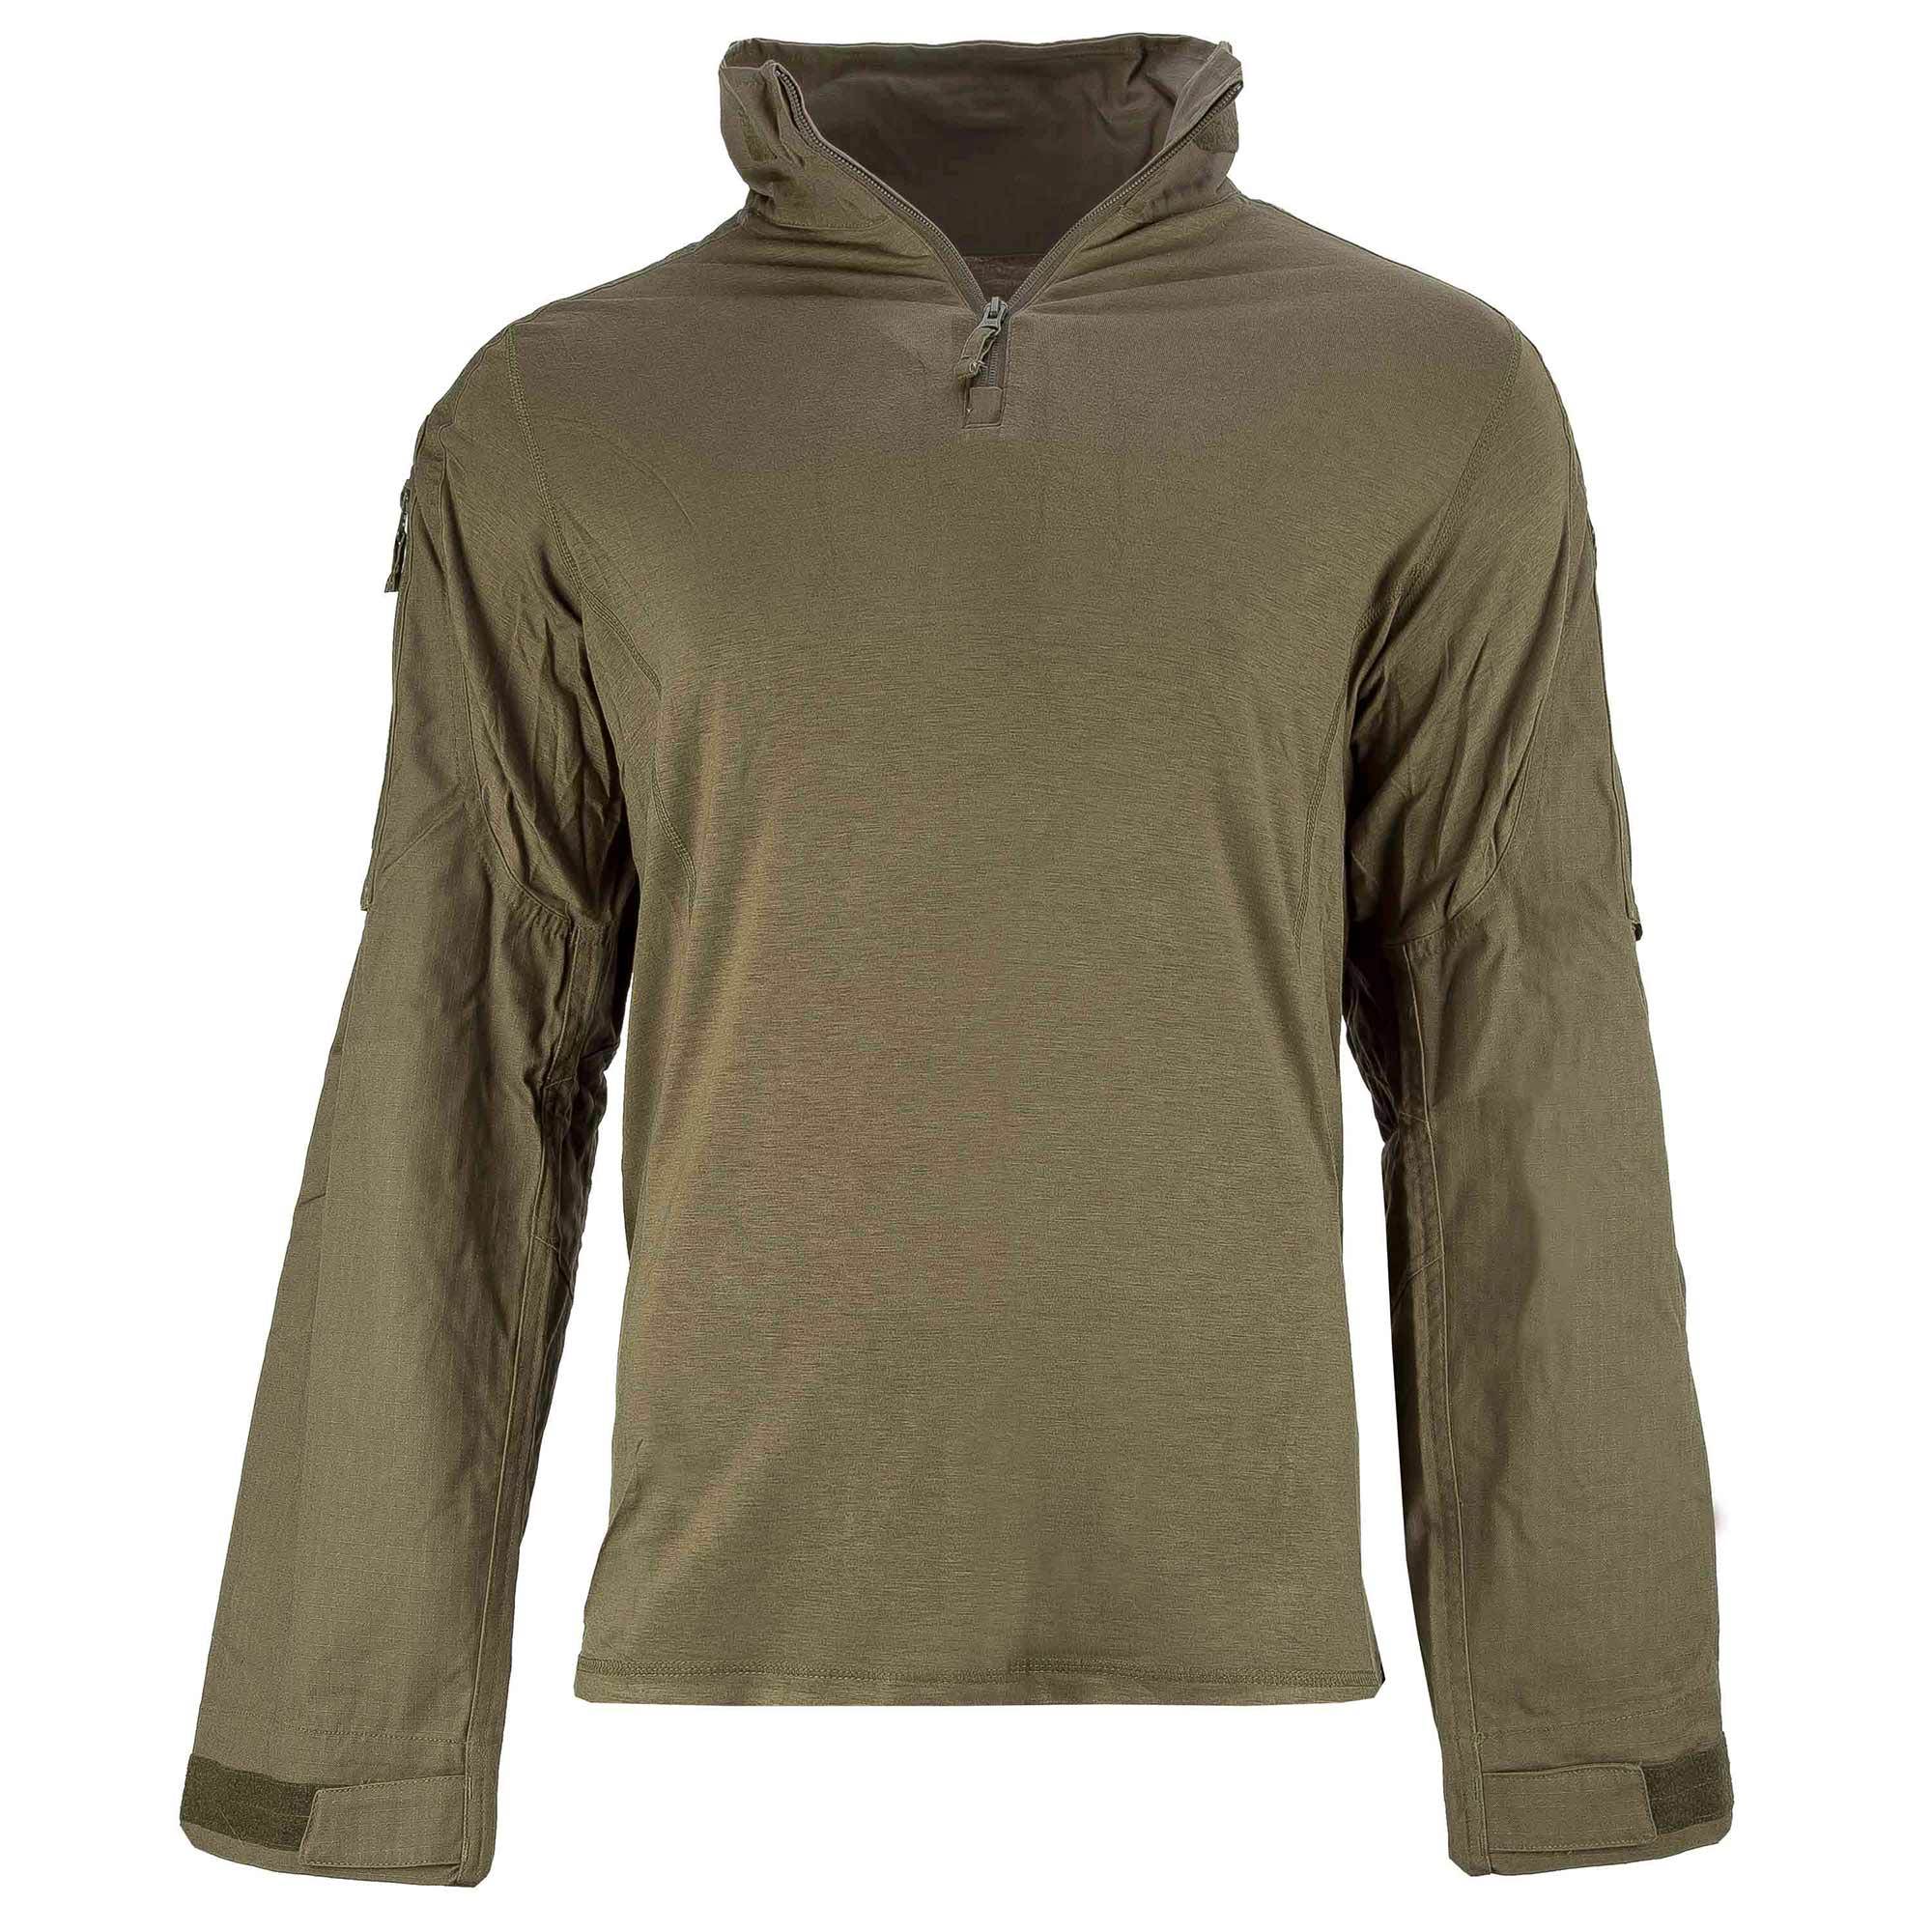 ClawGear Operator Combat Shirt steingrau oliv